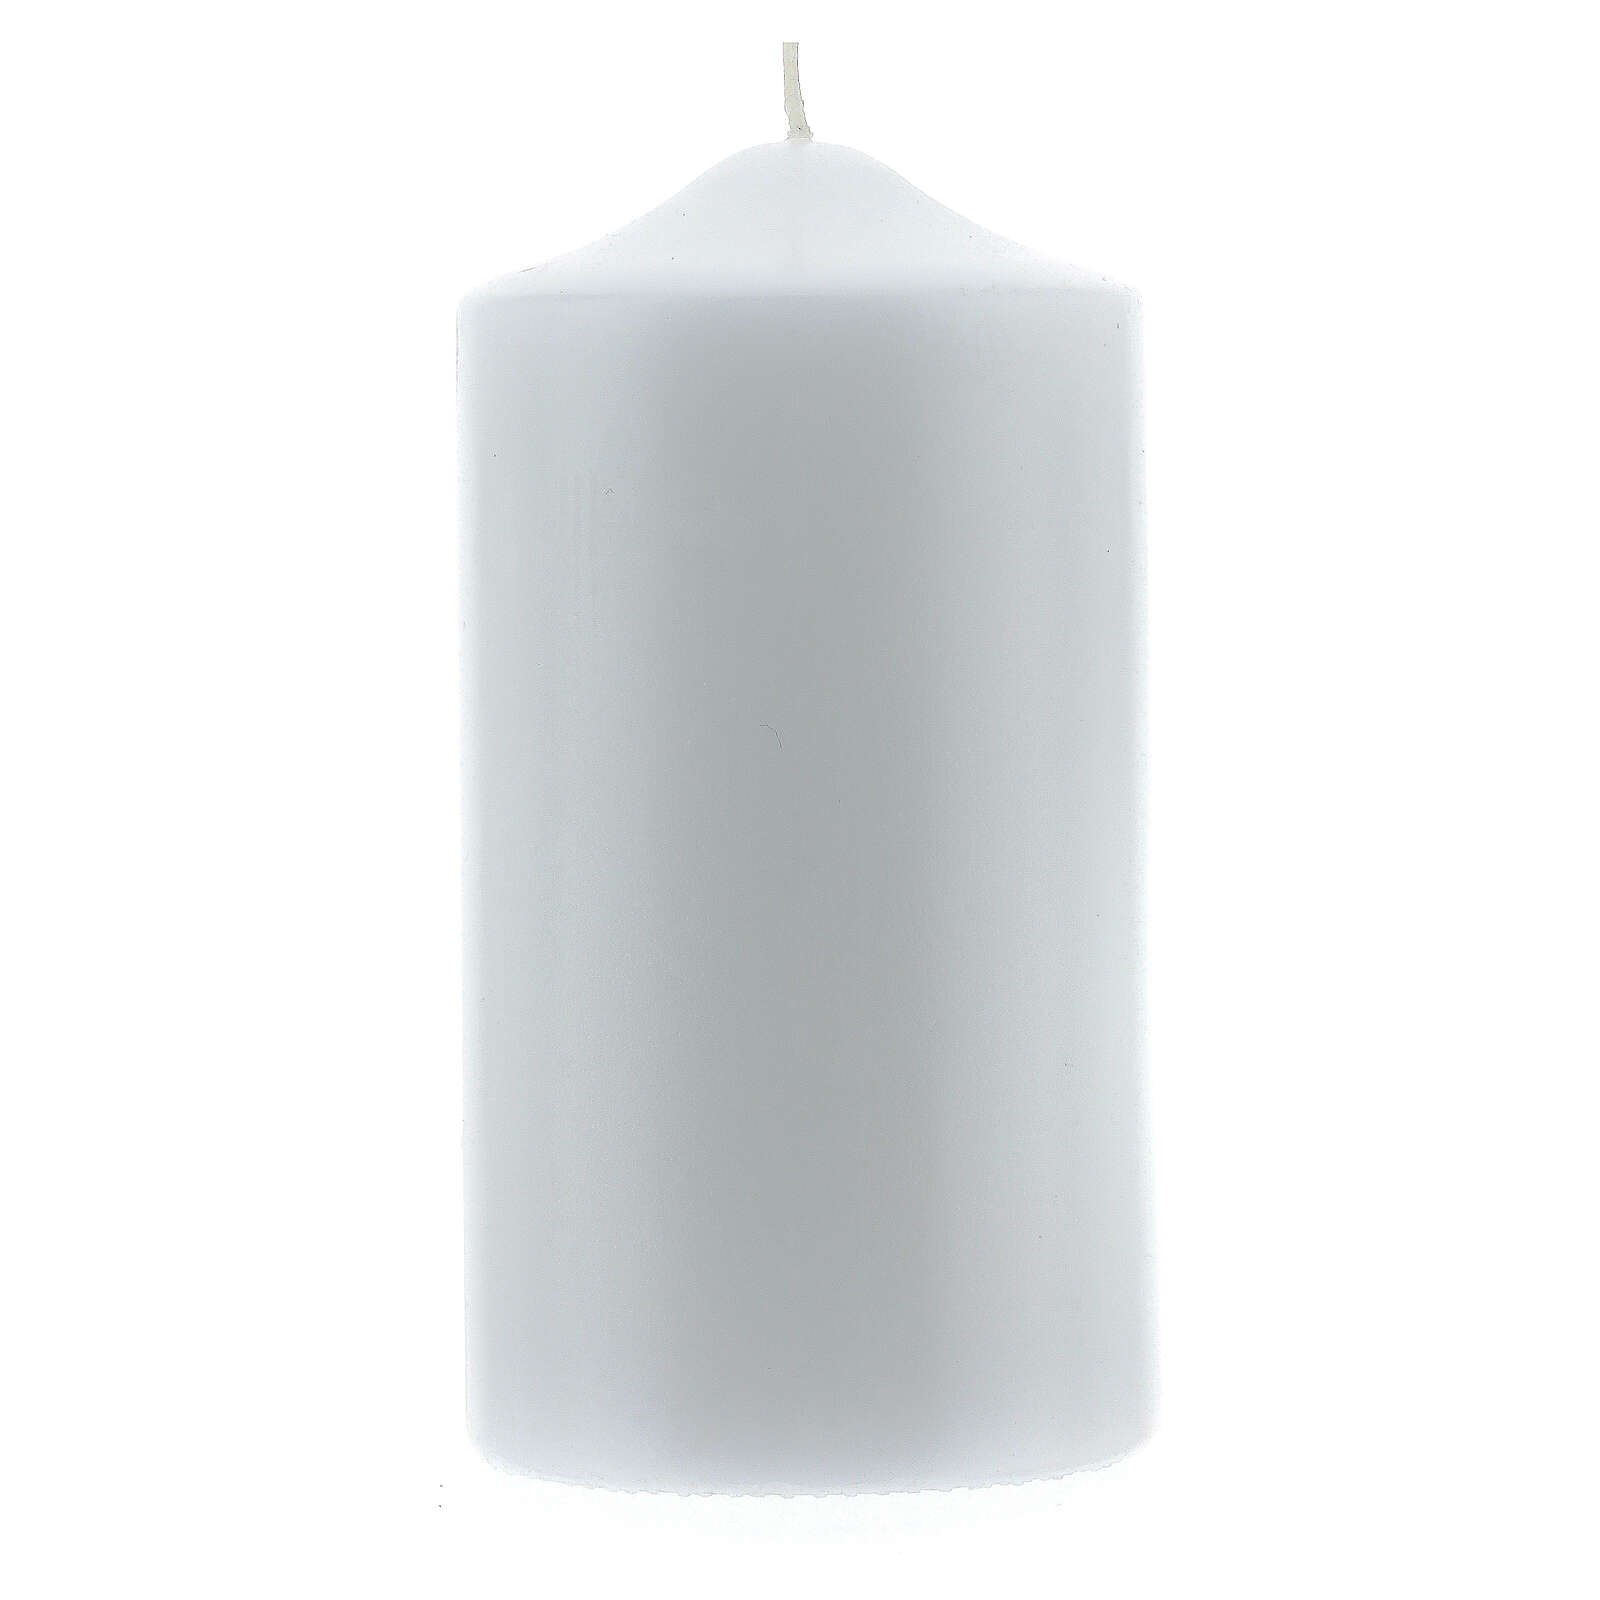 Cero per altare opaco 80 x 150 mm 3